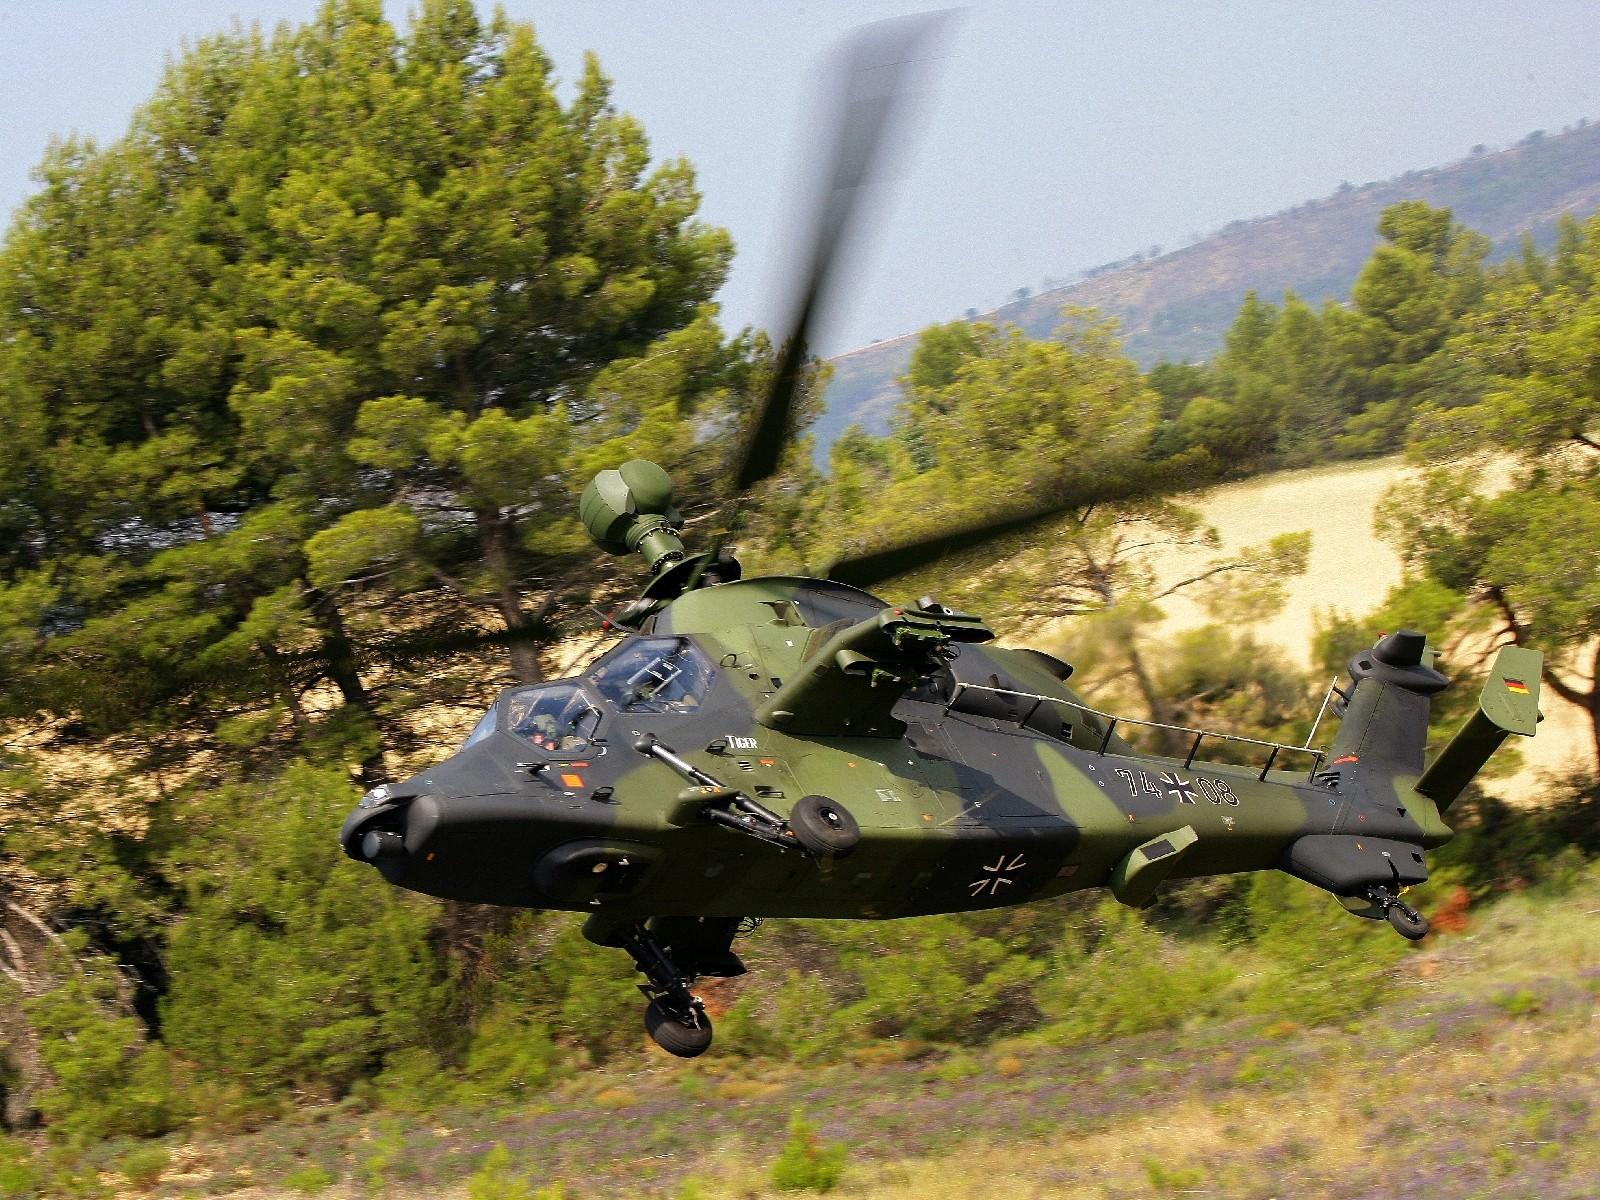 L Elicottero Posizione : Caccia contro elicottero il progetto j catch